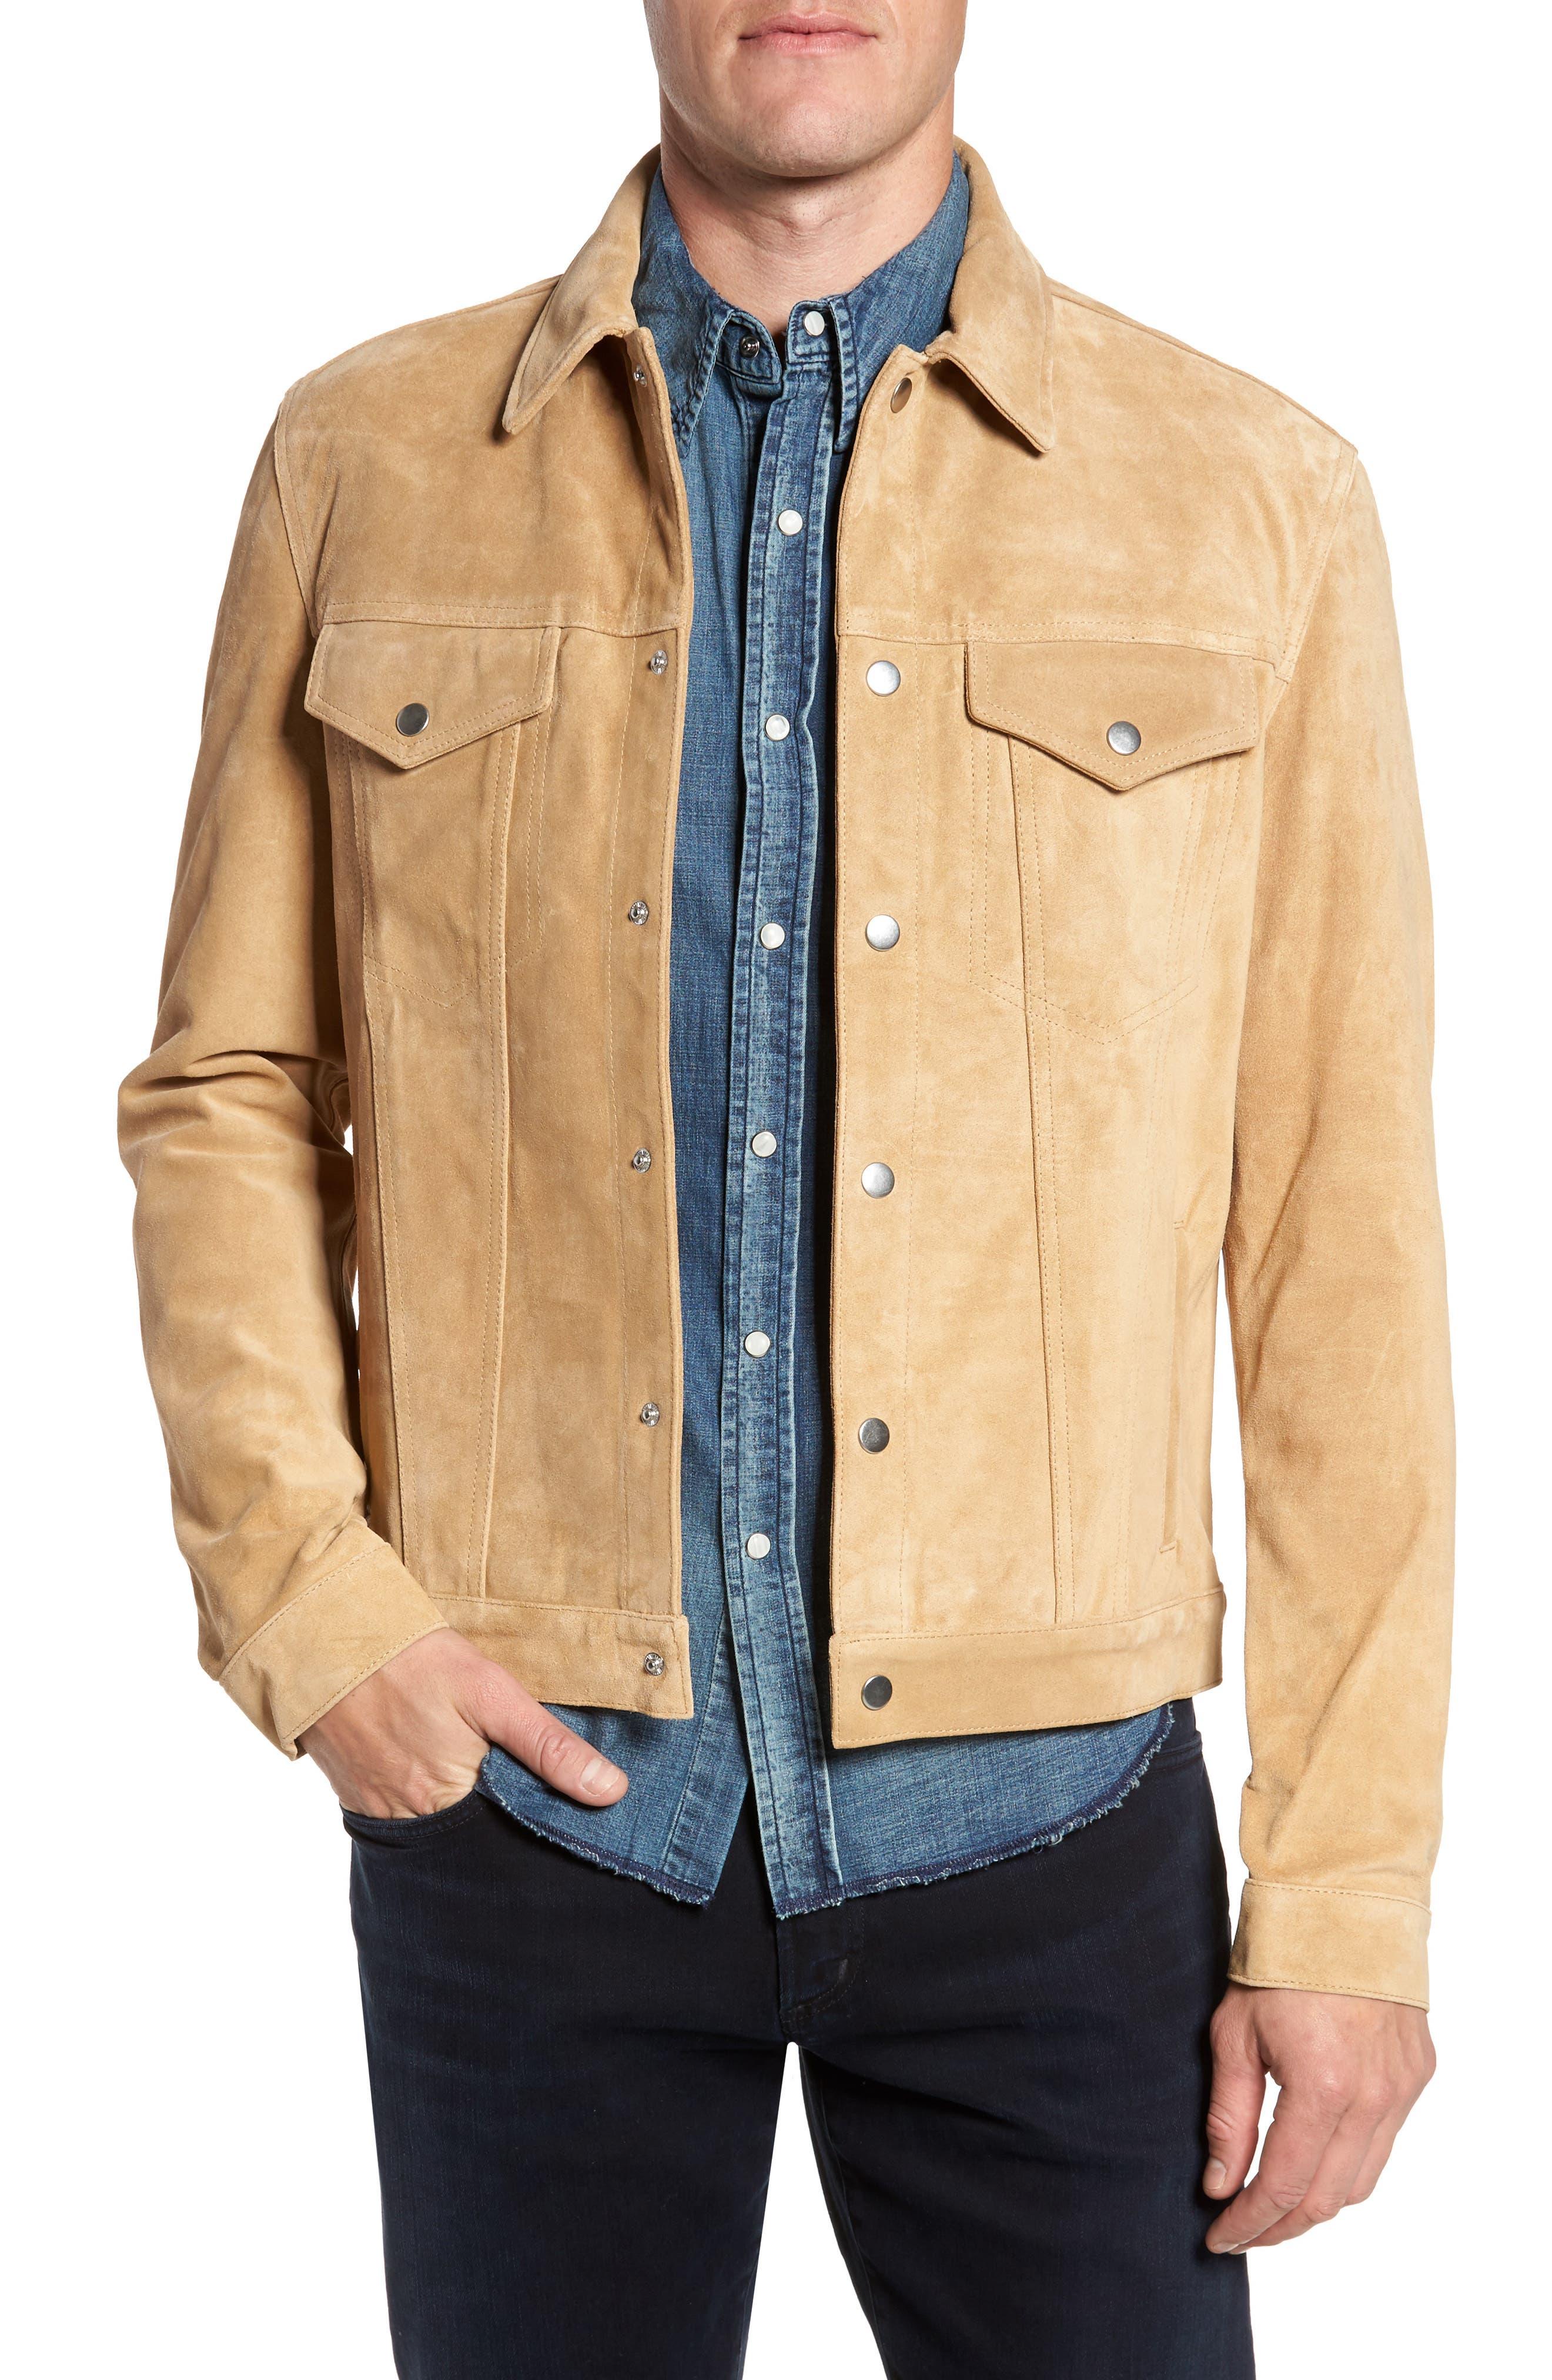 Alternate Image 1 Selected - FRAME Suede Shirt Jacket